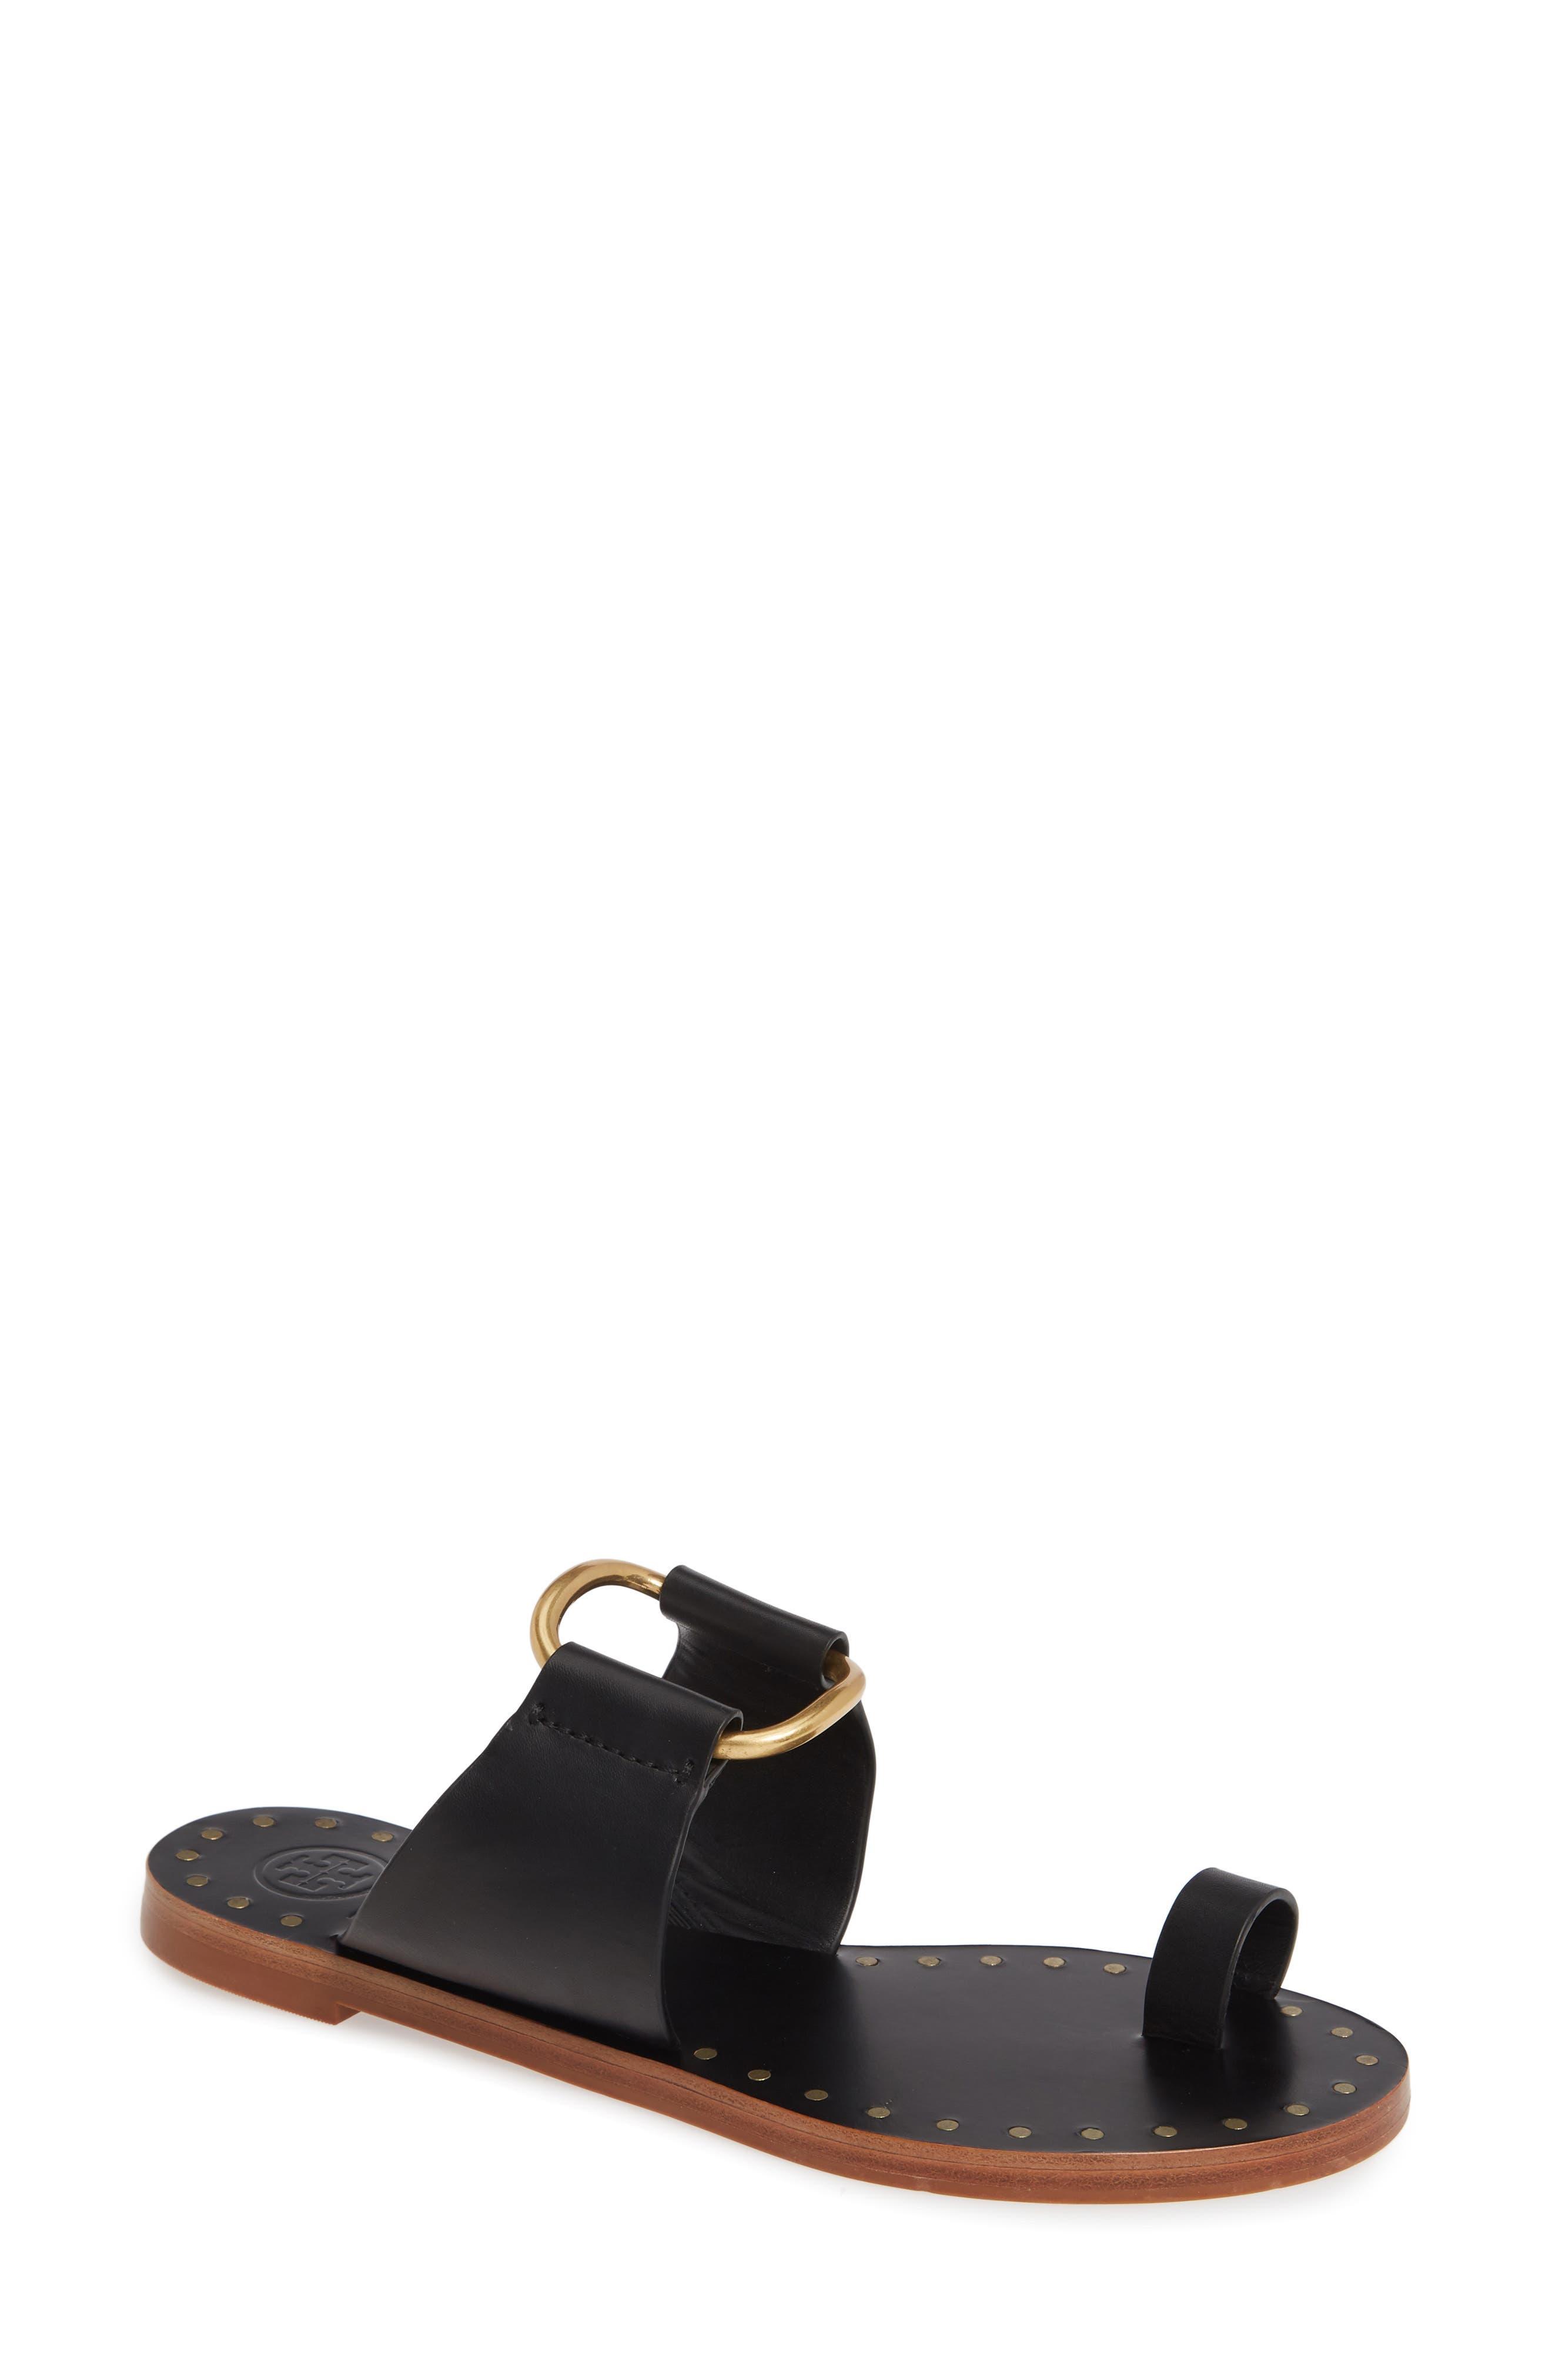 Ravello Toe Ring Sandal,                             Main thumbnail 1, color,                             PERFECT BLACK/ GOLD